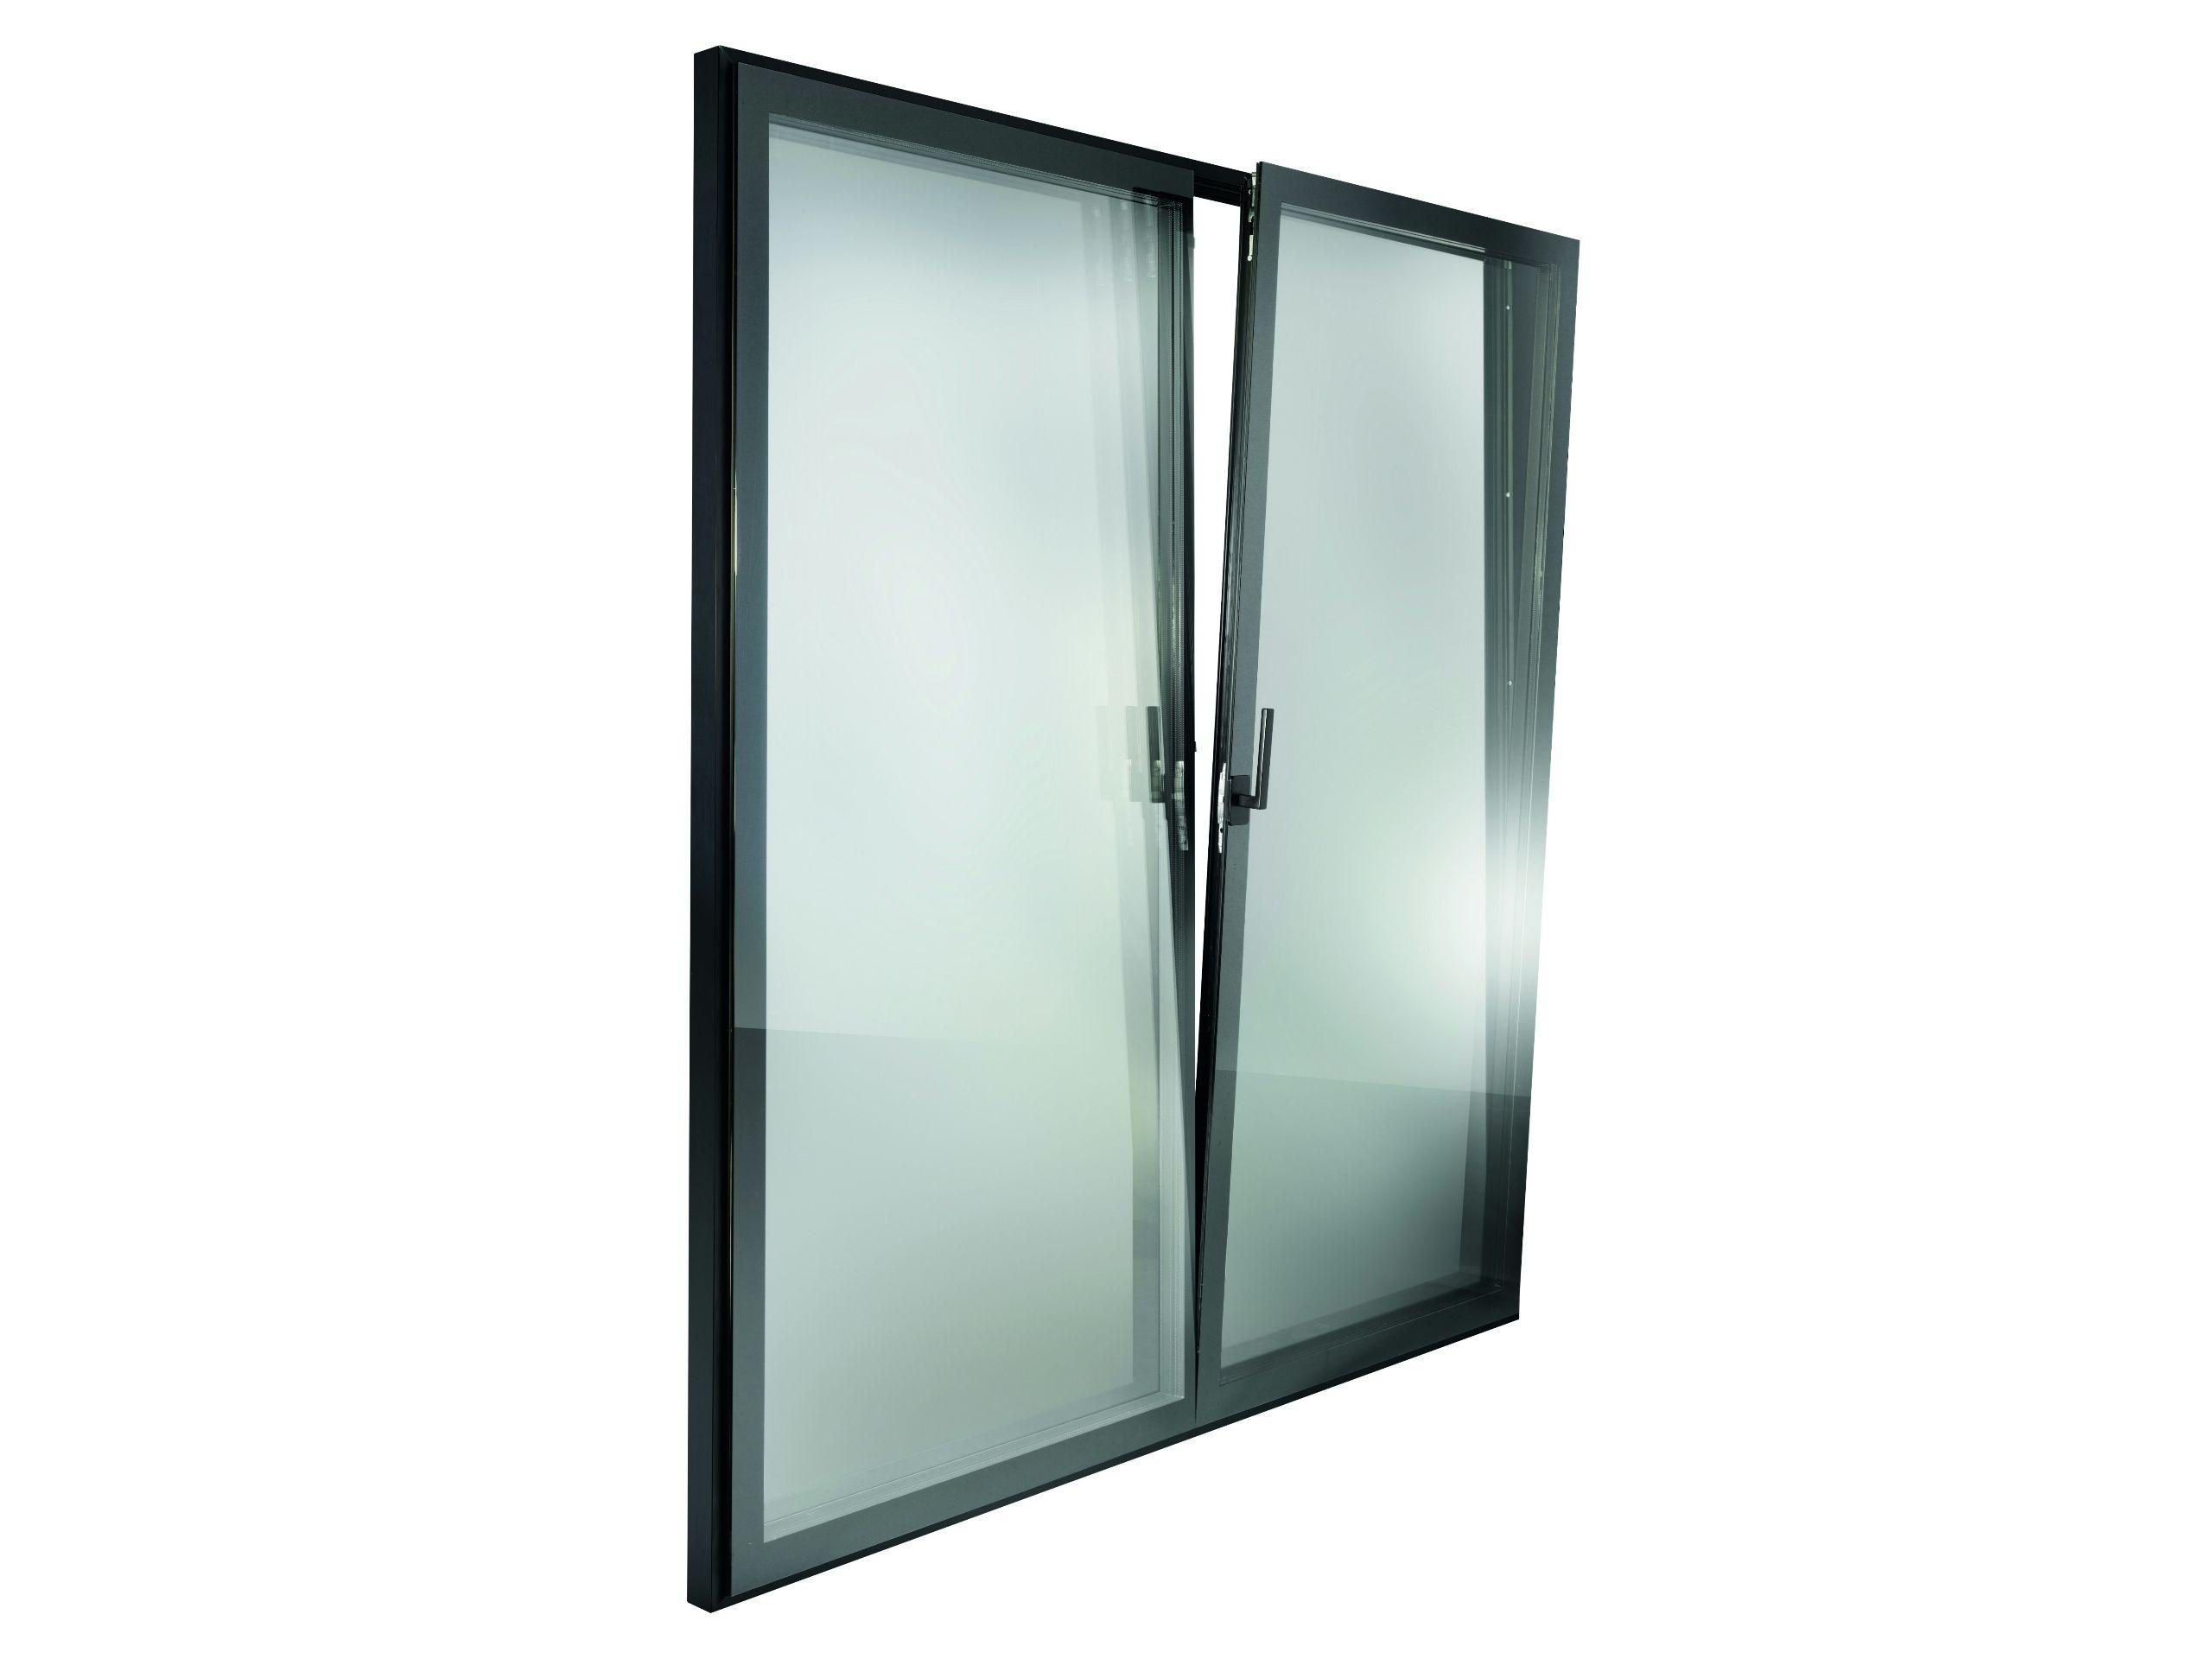 Essenza porta finestra a battente by essenza - Finestre triplo vetro ...